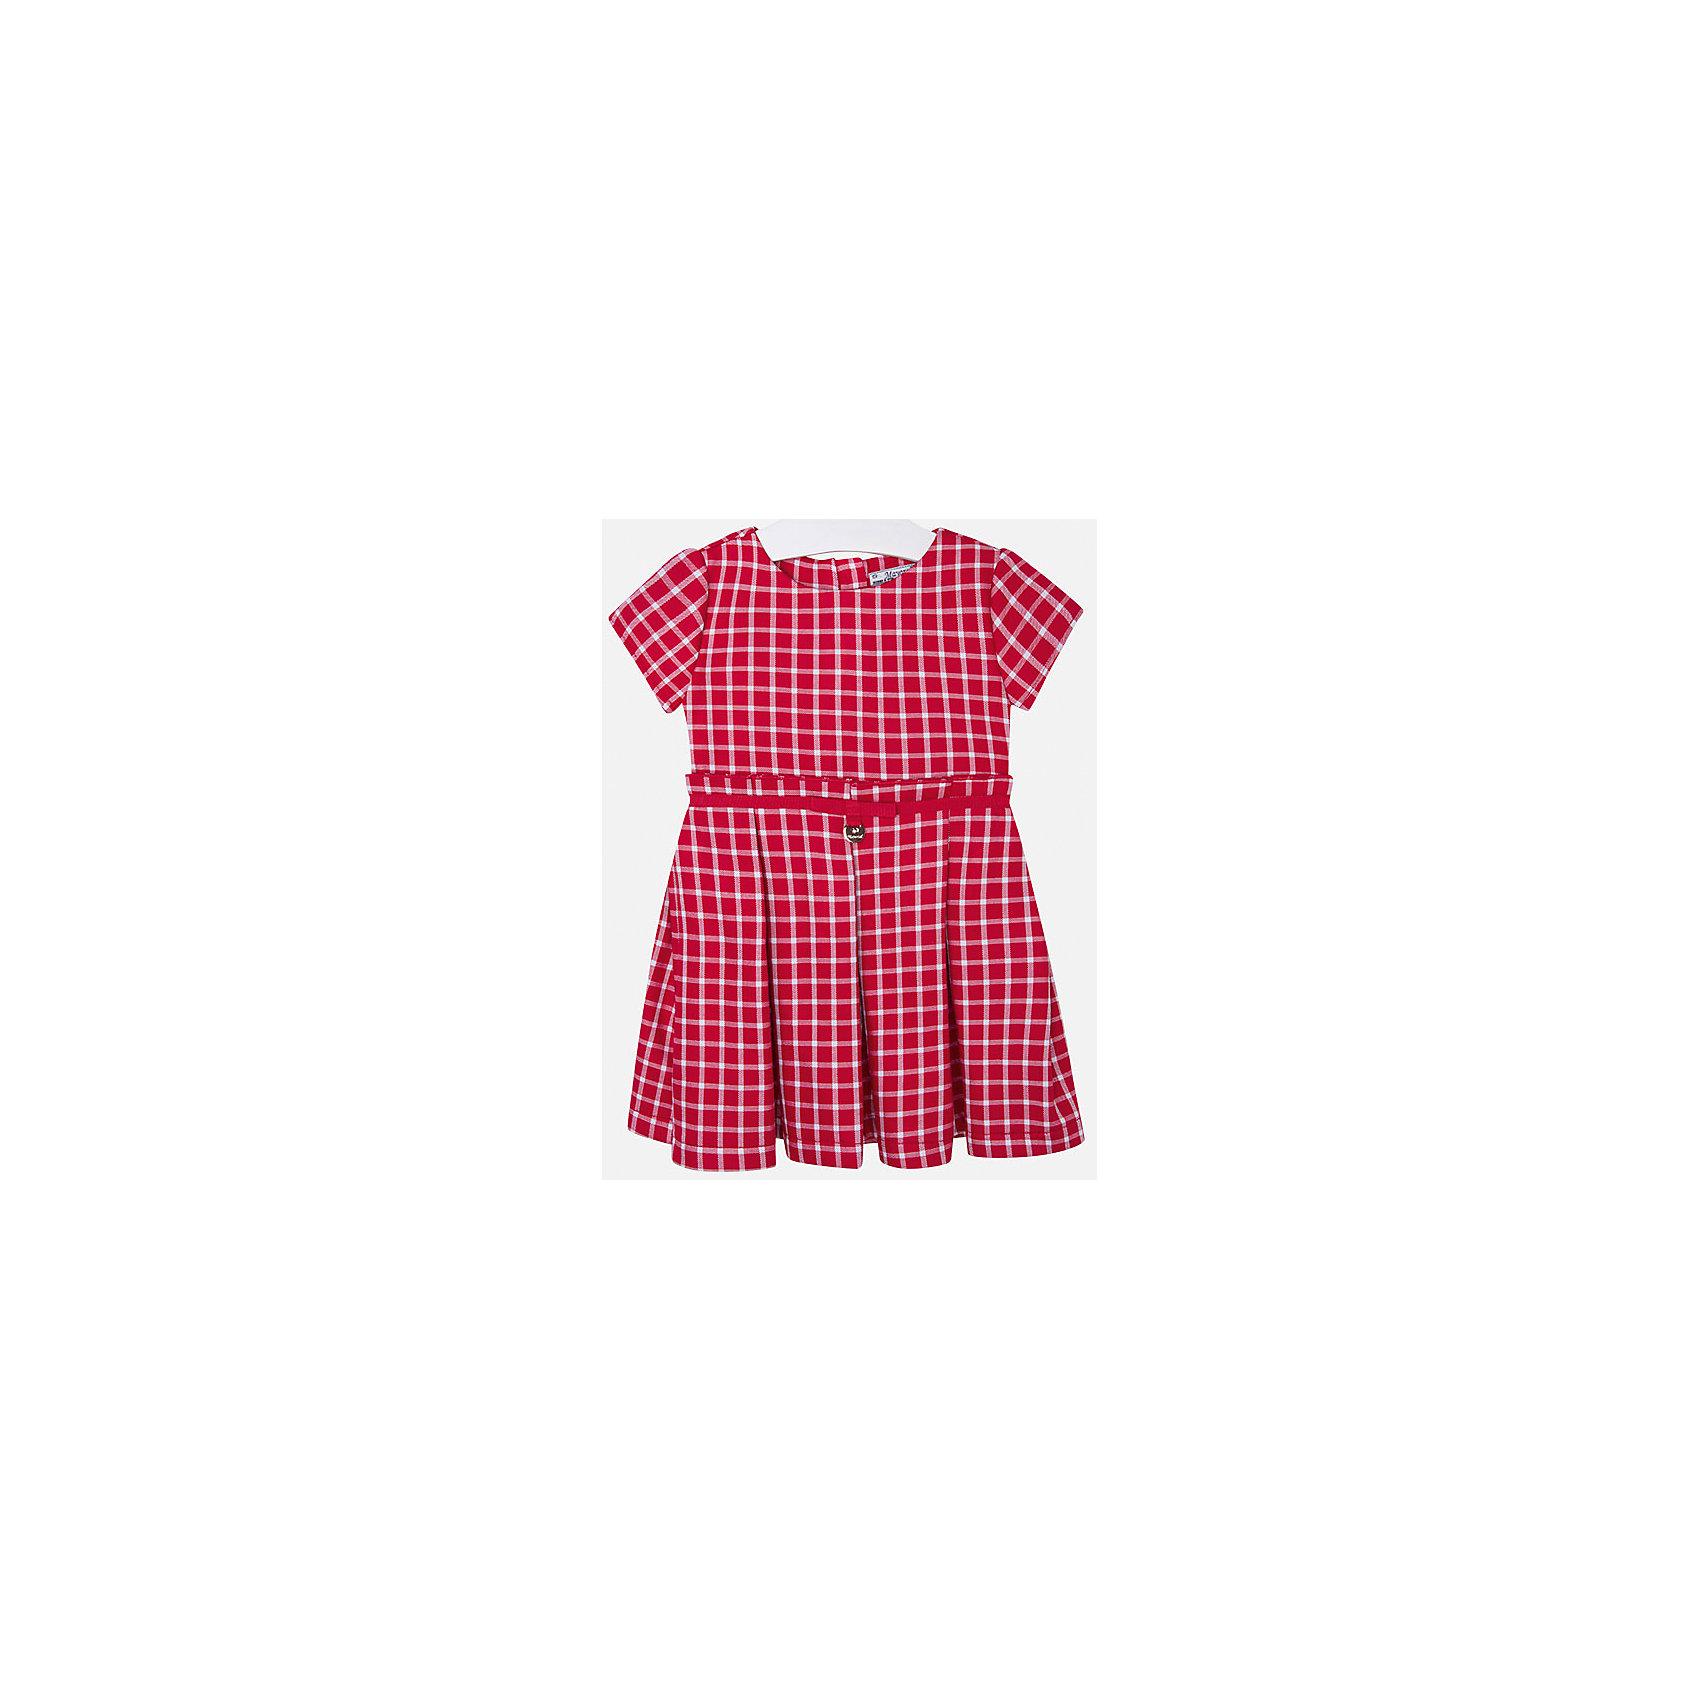 Платье для девочки MayoralОсенне-зимние платья и сарафаны<br>Платье для девочки от известной испанской марки Mayoral<br><br>Ширина мм: 236<br>Глубина мм: 16<br>Высота мм: 184<br>Вес г: 177<br>Цвет: красный<br>Возраст от месяцев: 24<br>Возраст до месяцев: 36<br>Пол: Женский<br>Возраст: Детский<br>Размер: 98,122,128,110,134,104,92,116<br>SKU: 4844423